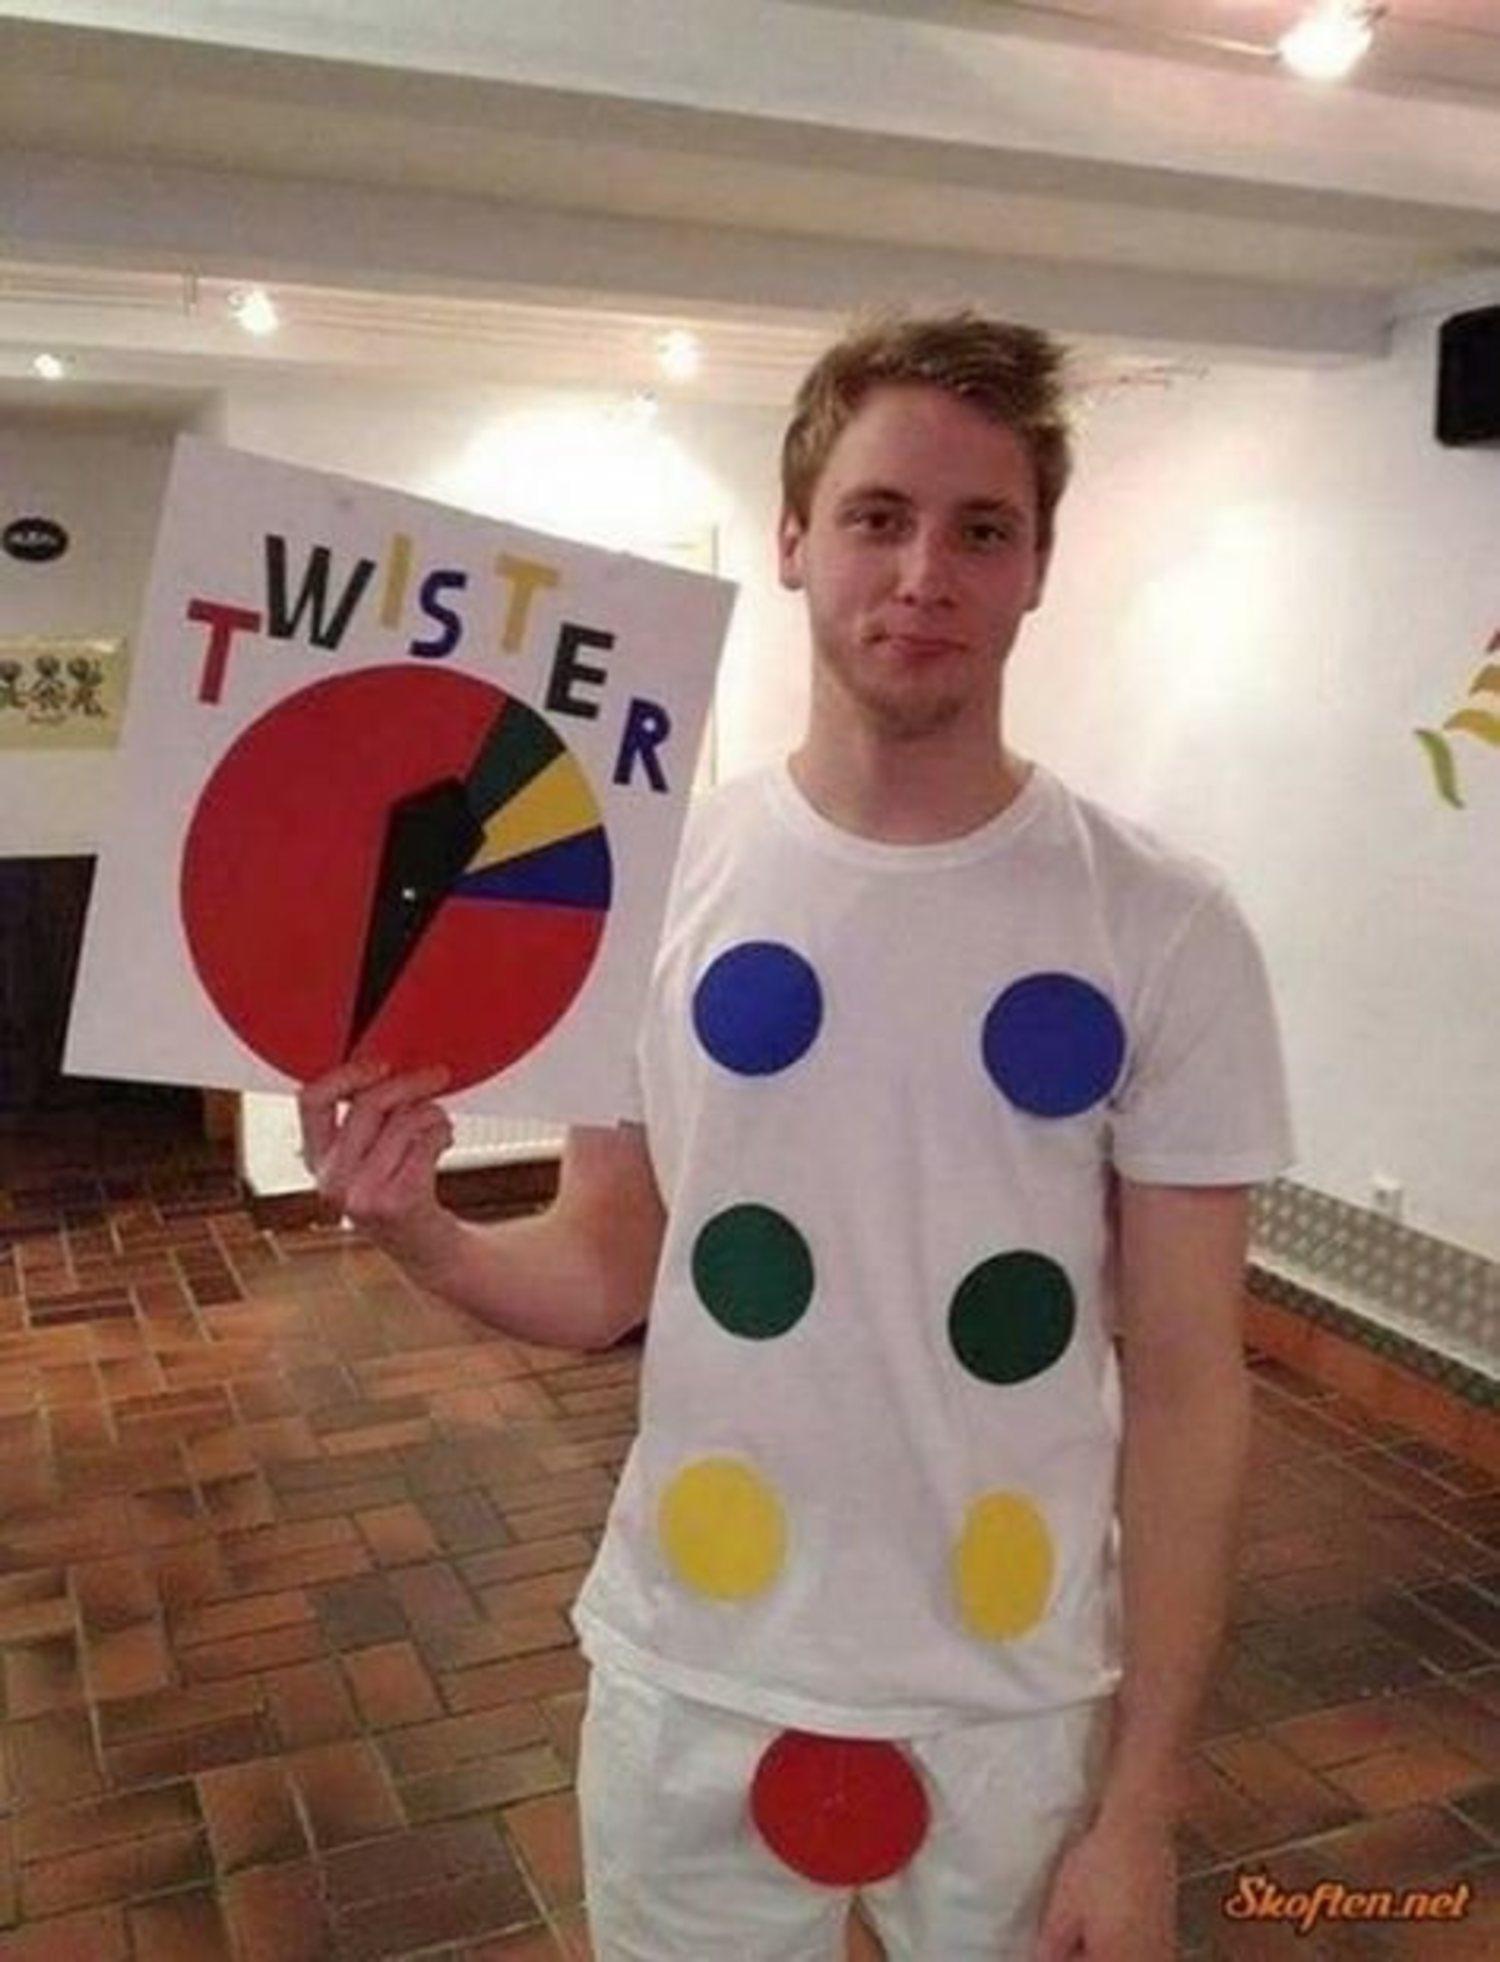 Un divertido disfraz de Twister.